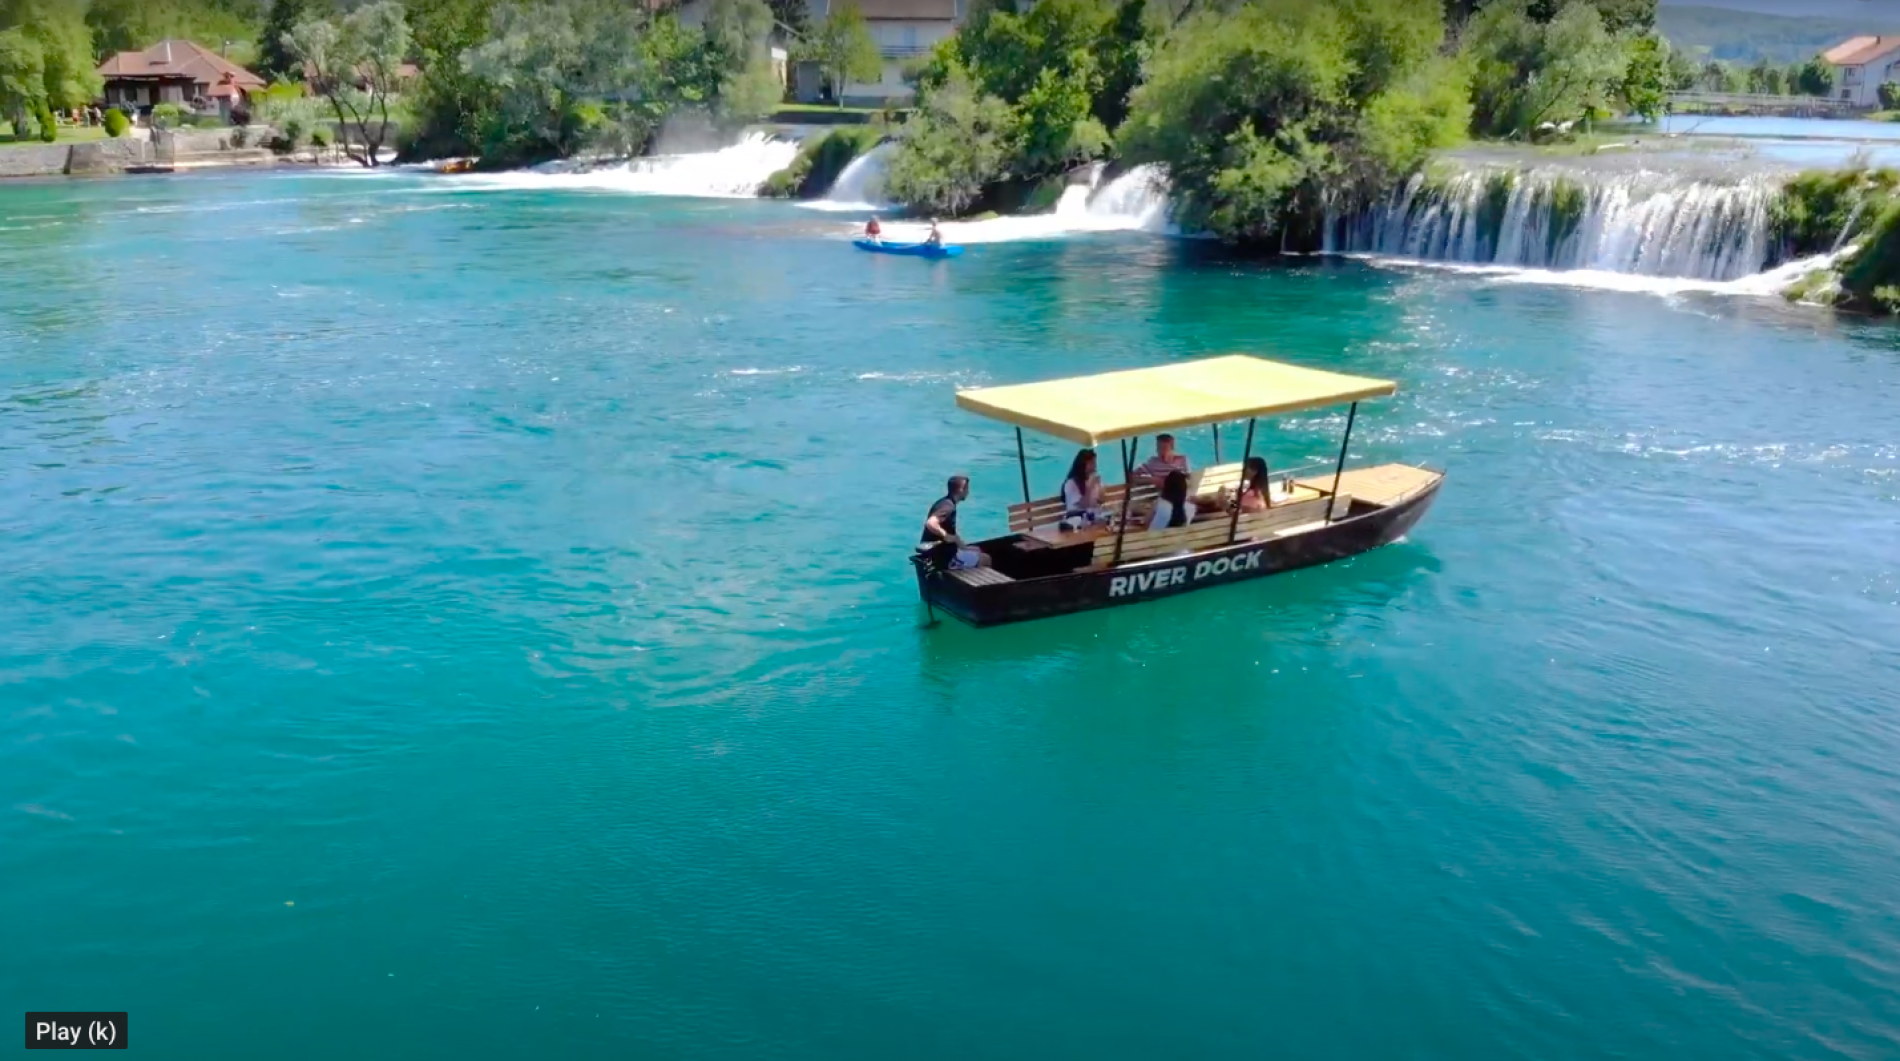 Odmori u BiHaću: Grad Bihać nudi turističke vaučere za državljane Bosne i Hercegovine